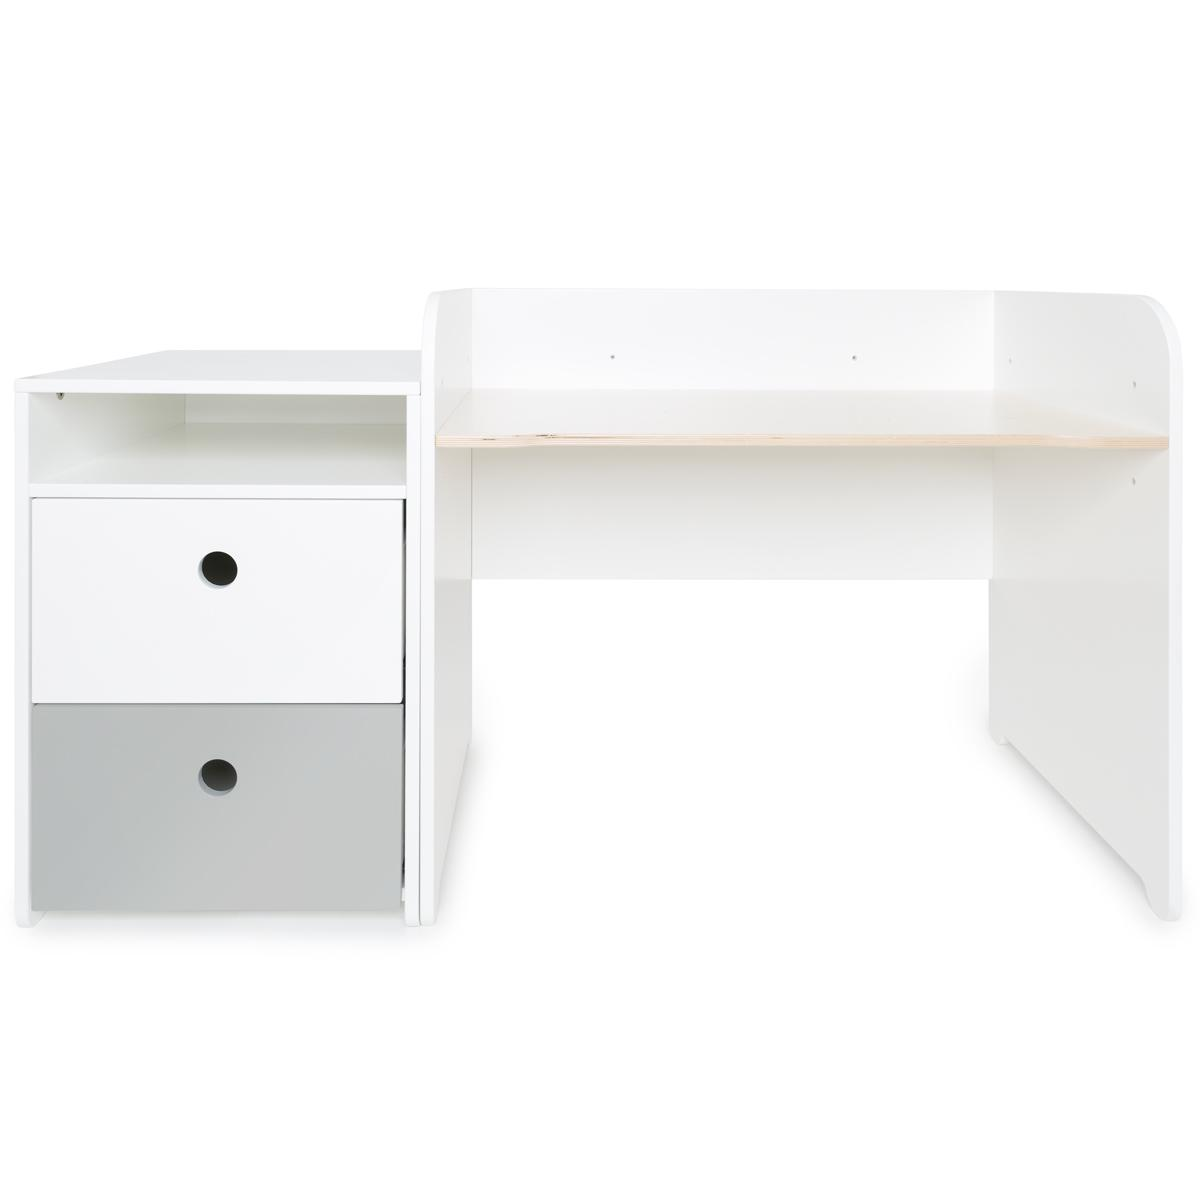 Escritorio evolutivo-mueble pequeño 2 cajones COLORFLEX Abitare Kids white-pearl grey